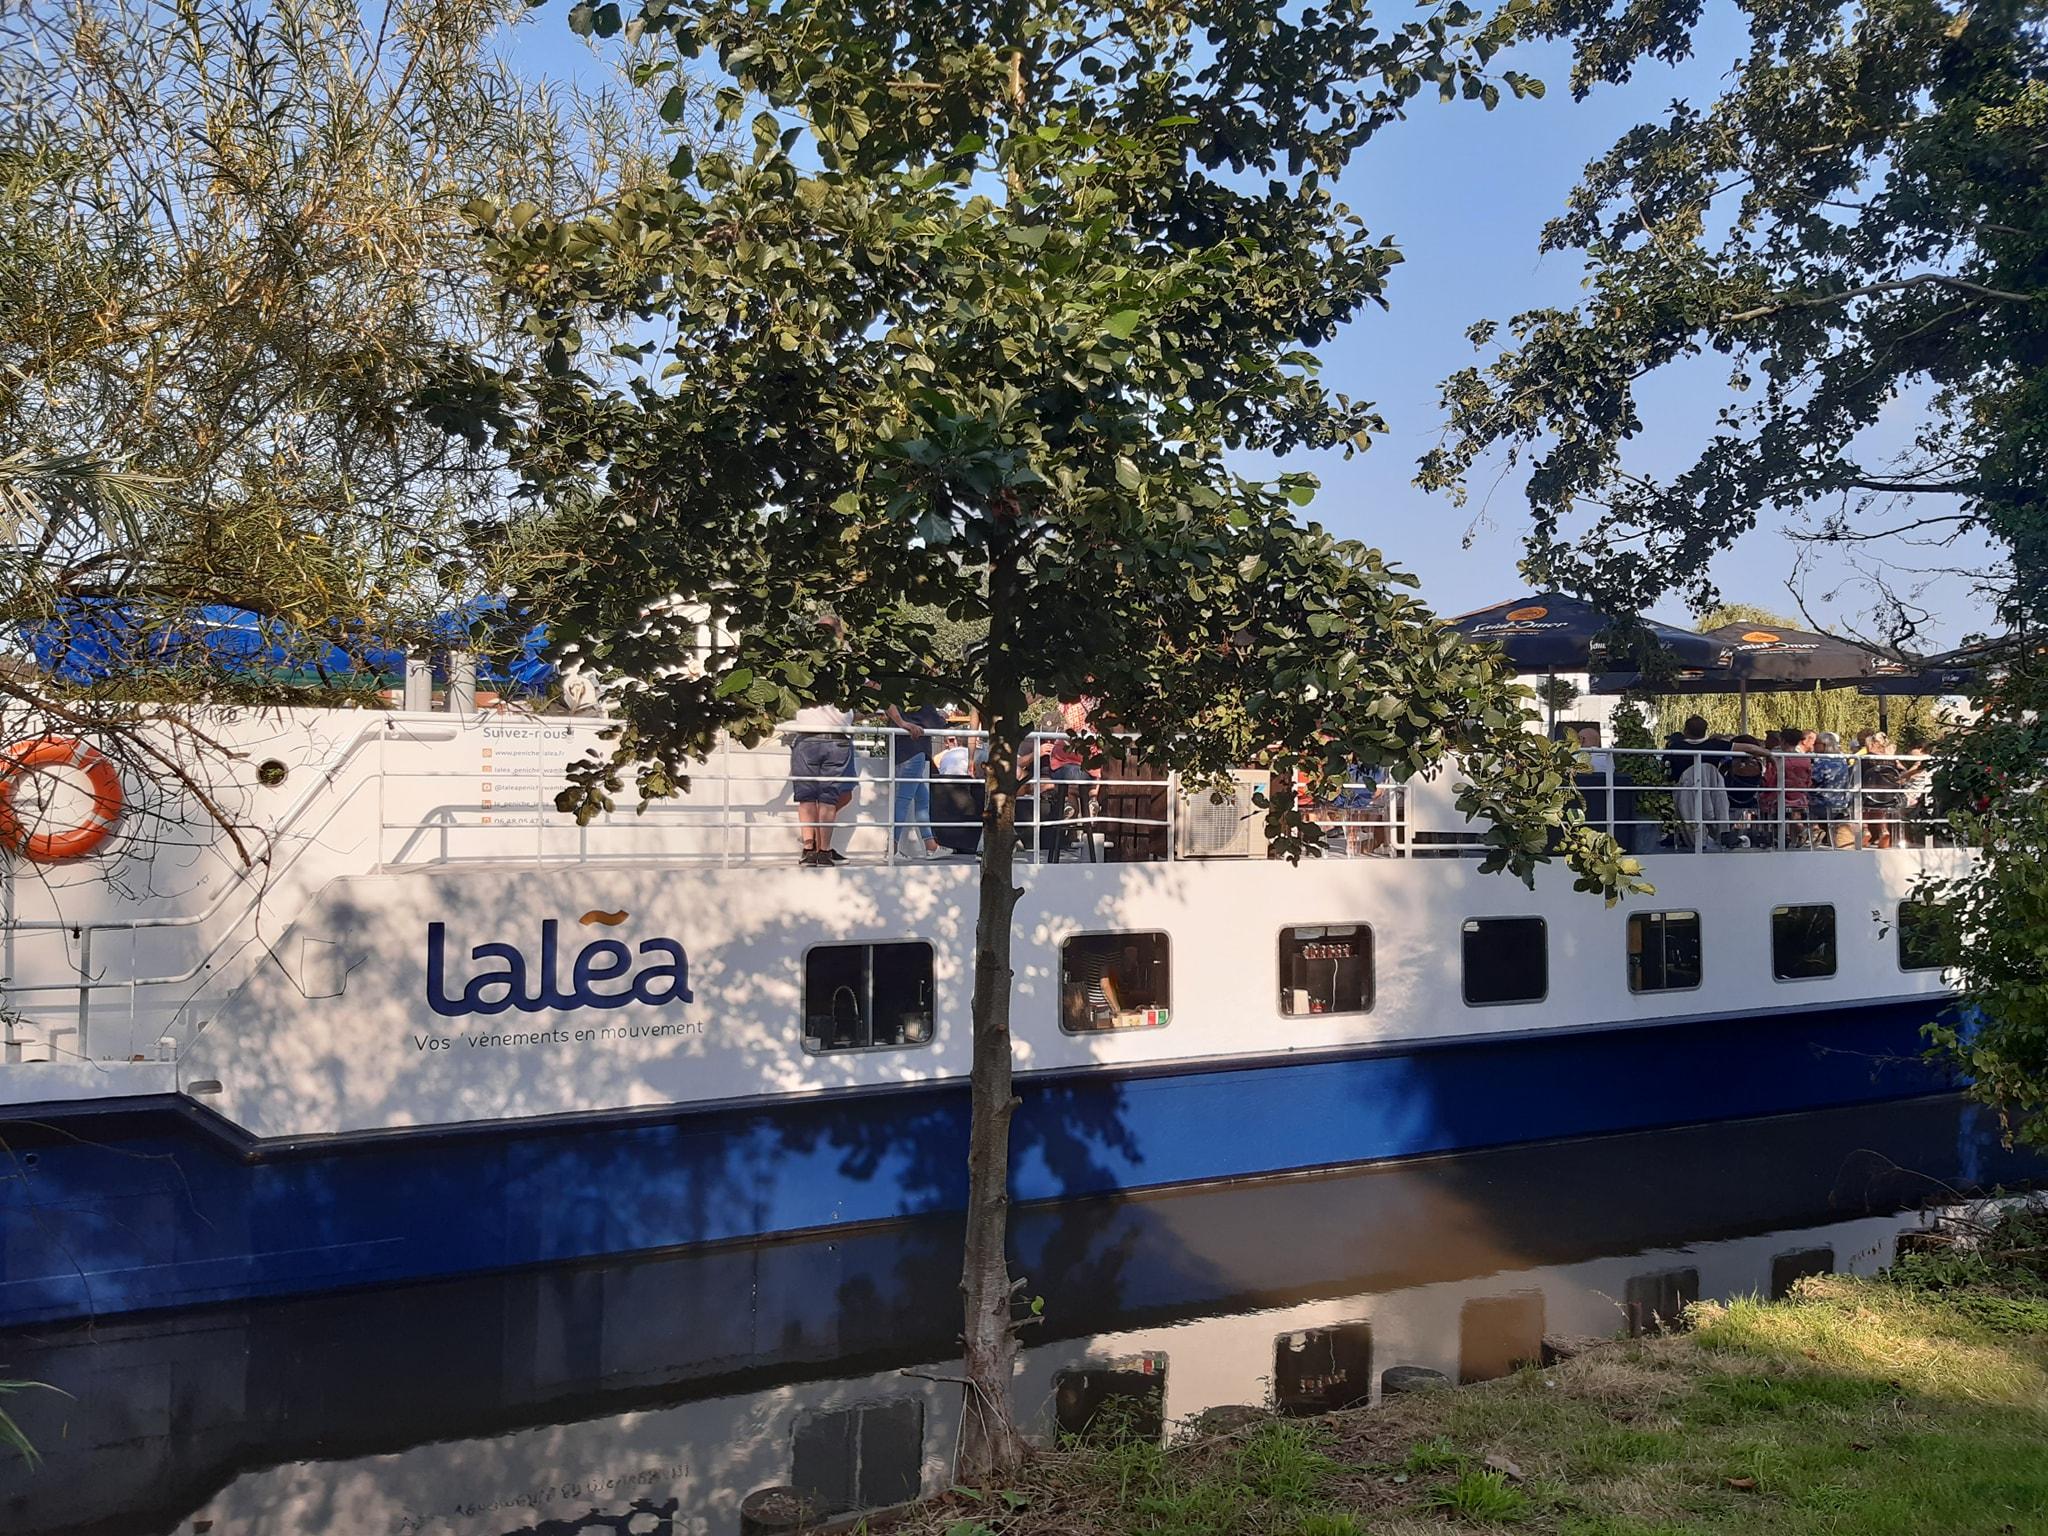 Laléa – Le bateau bar qui propose des balades musicales sur la Deule